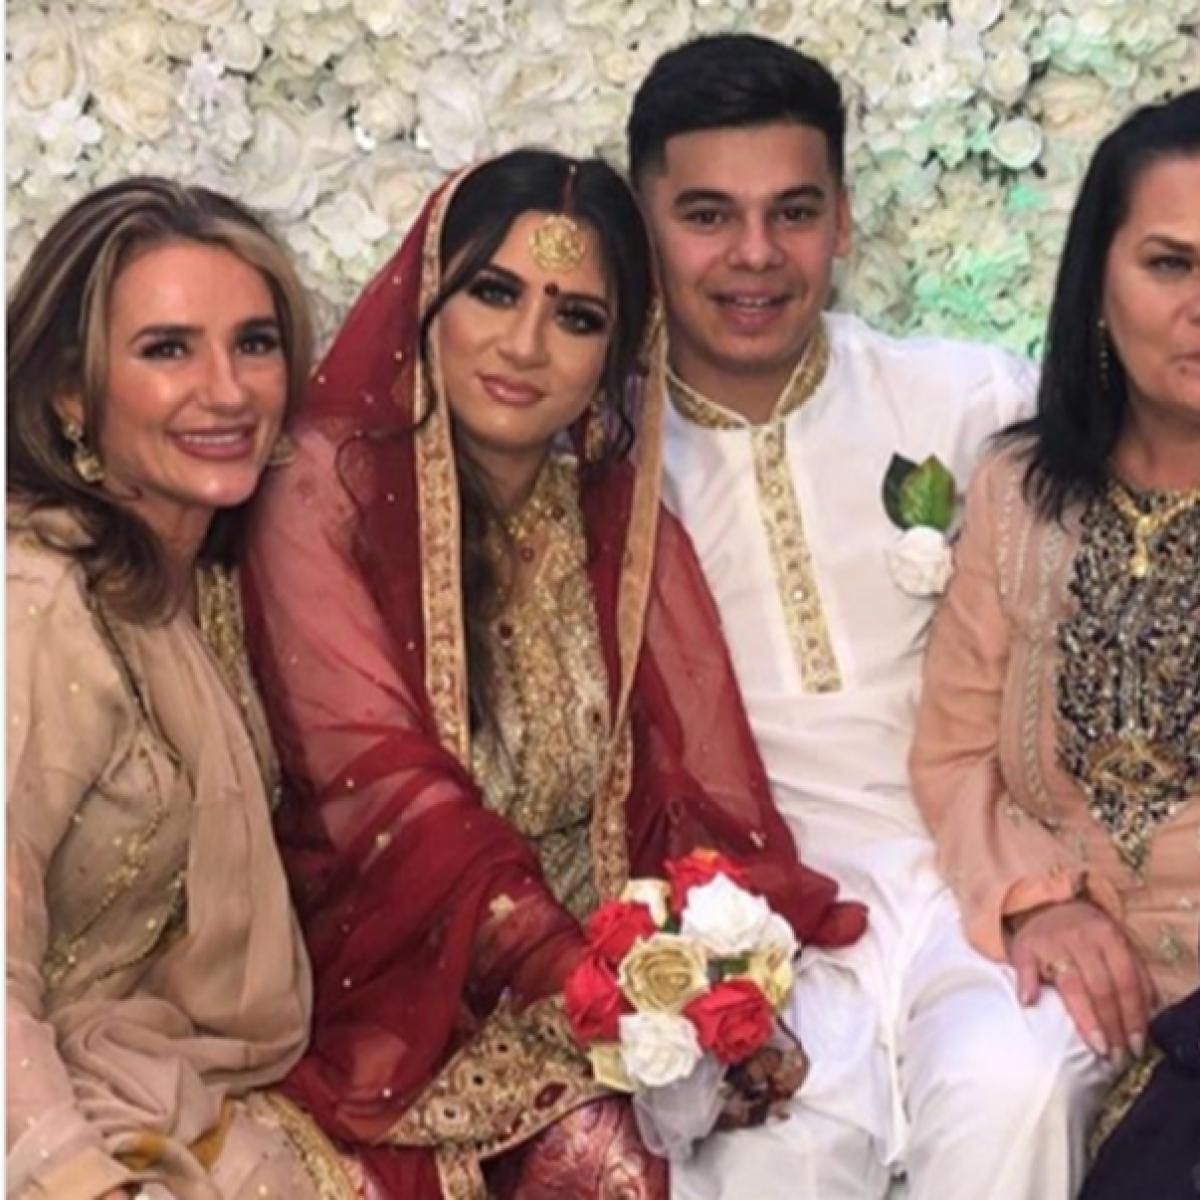 Zayn Malik's 17-year-old sister Safaa marries boyfriend in a traditional nikkah ceremony